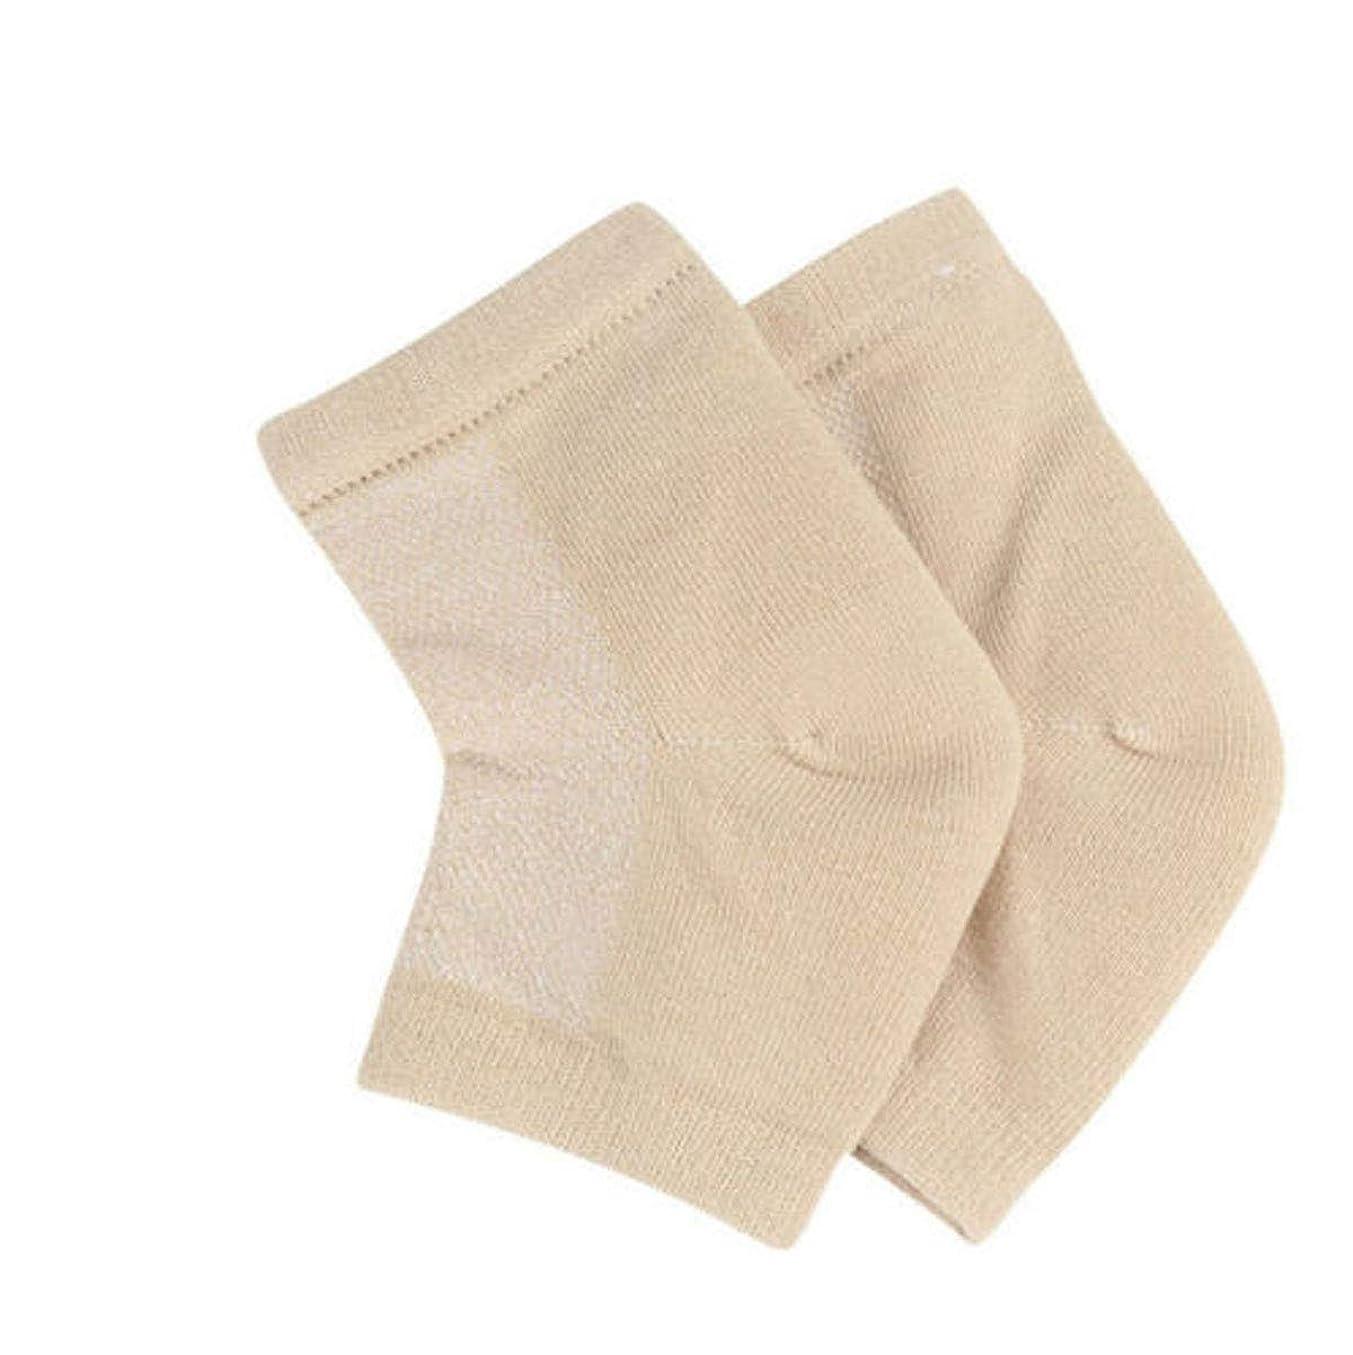 名前を作るコモランマナンセンスかかとケア靴下 足サポーター 半分ソックス 足首用 角質ケア/保湿/美容 左右セット フリーサイズ 男女適用 (肌色)